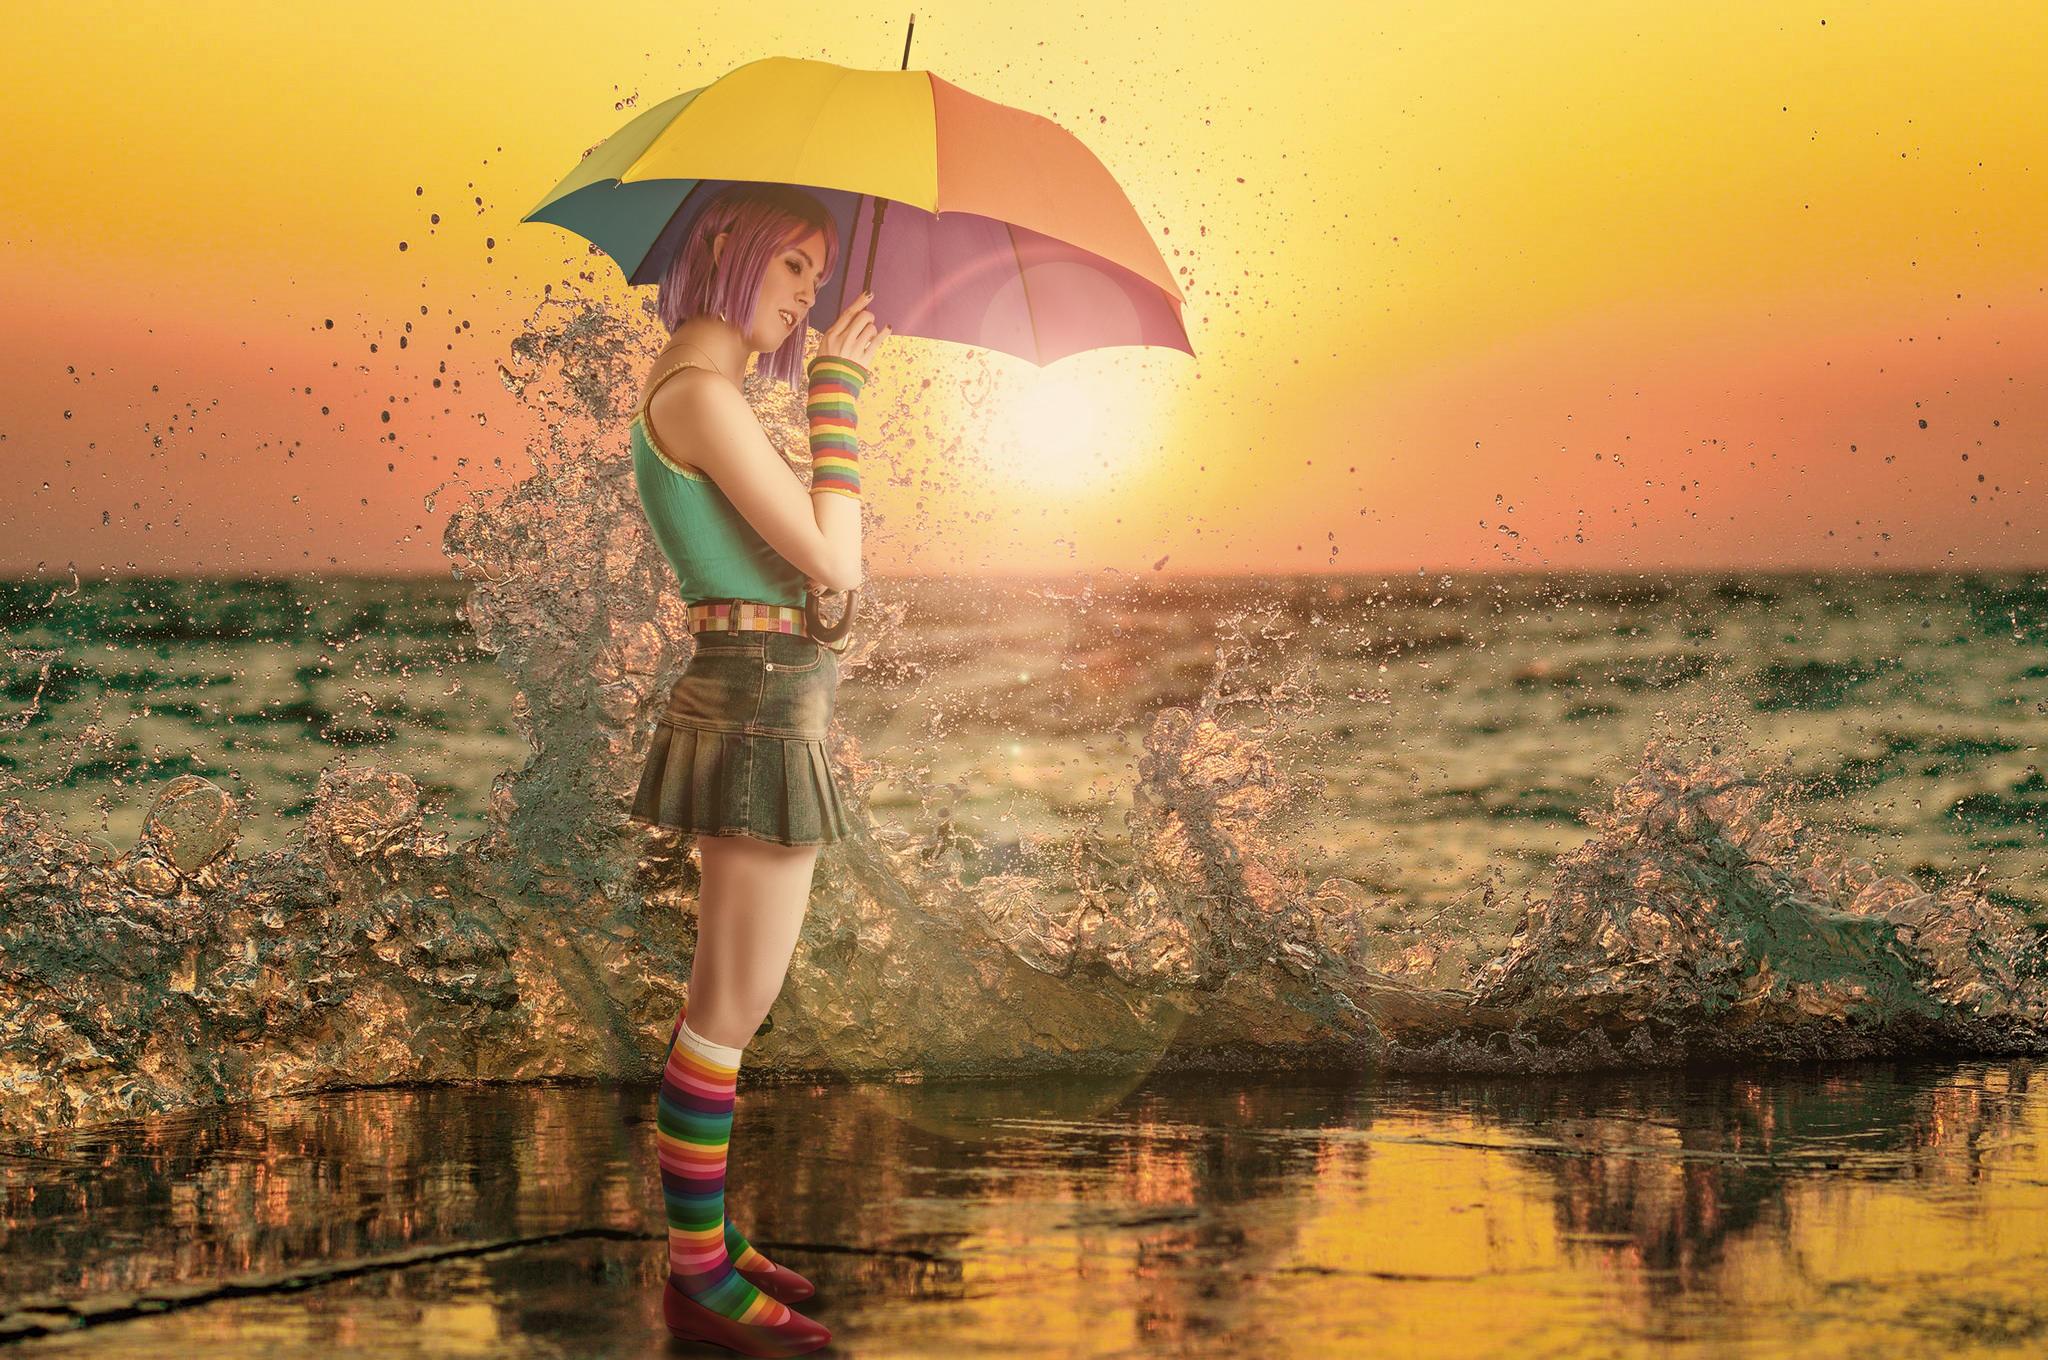 обои закат, девушка, зонт, брызги картинки фото